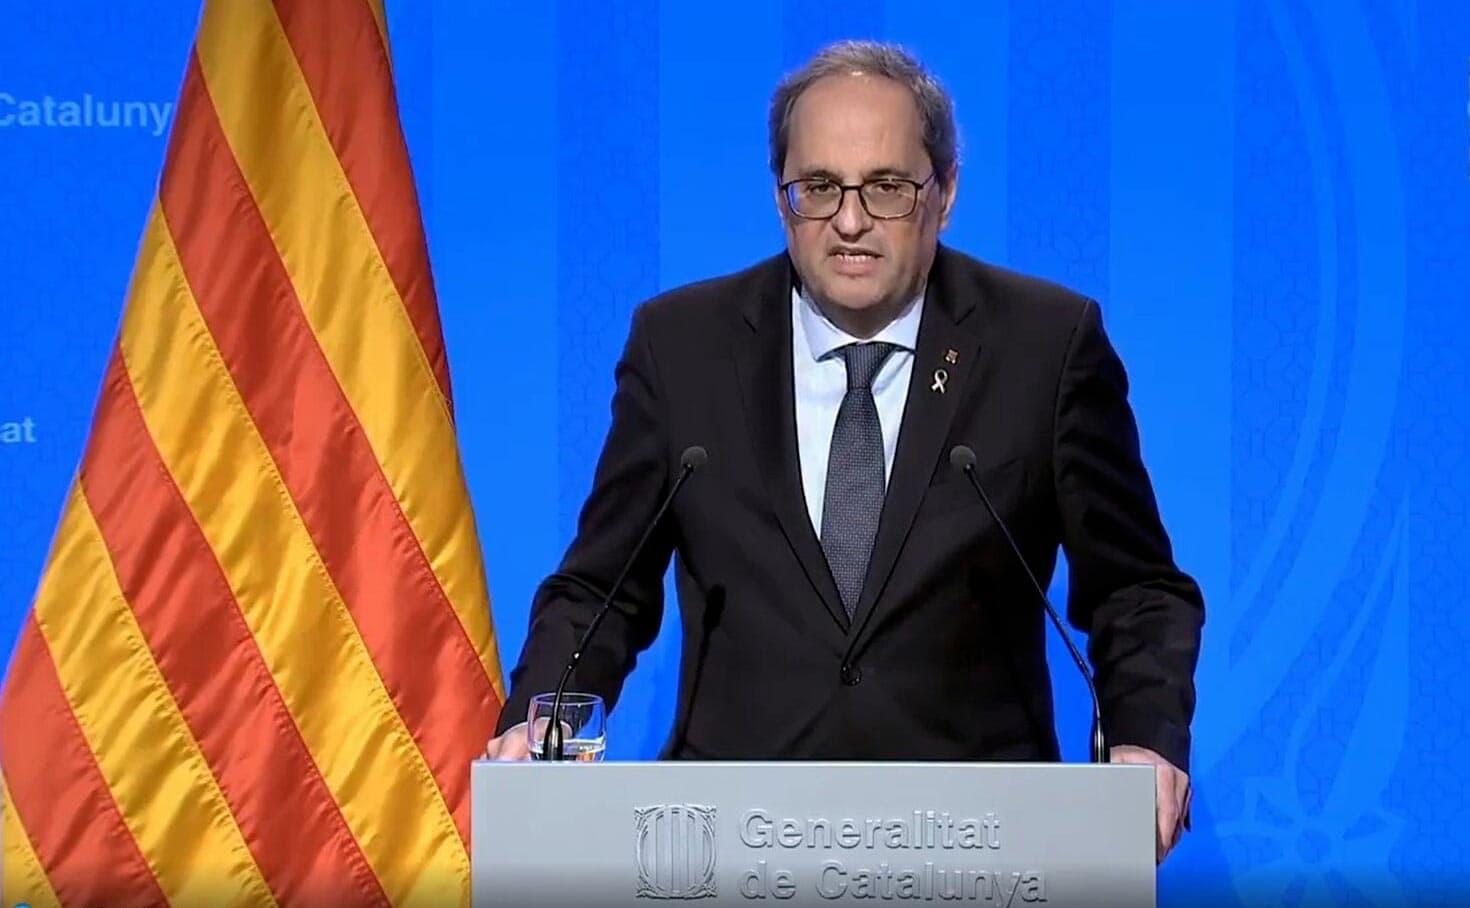 Imagen de vídeo de la comparecencia del Presidente de la Generalitat Quim Torra este domingo